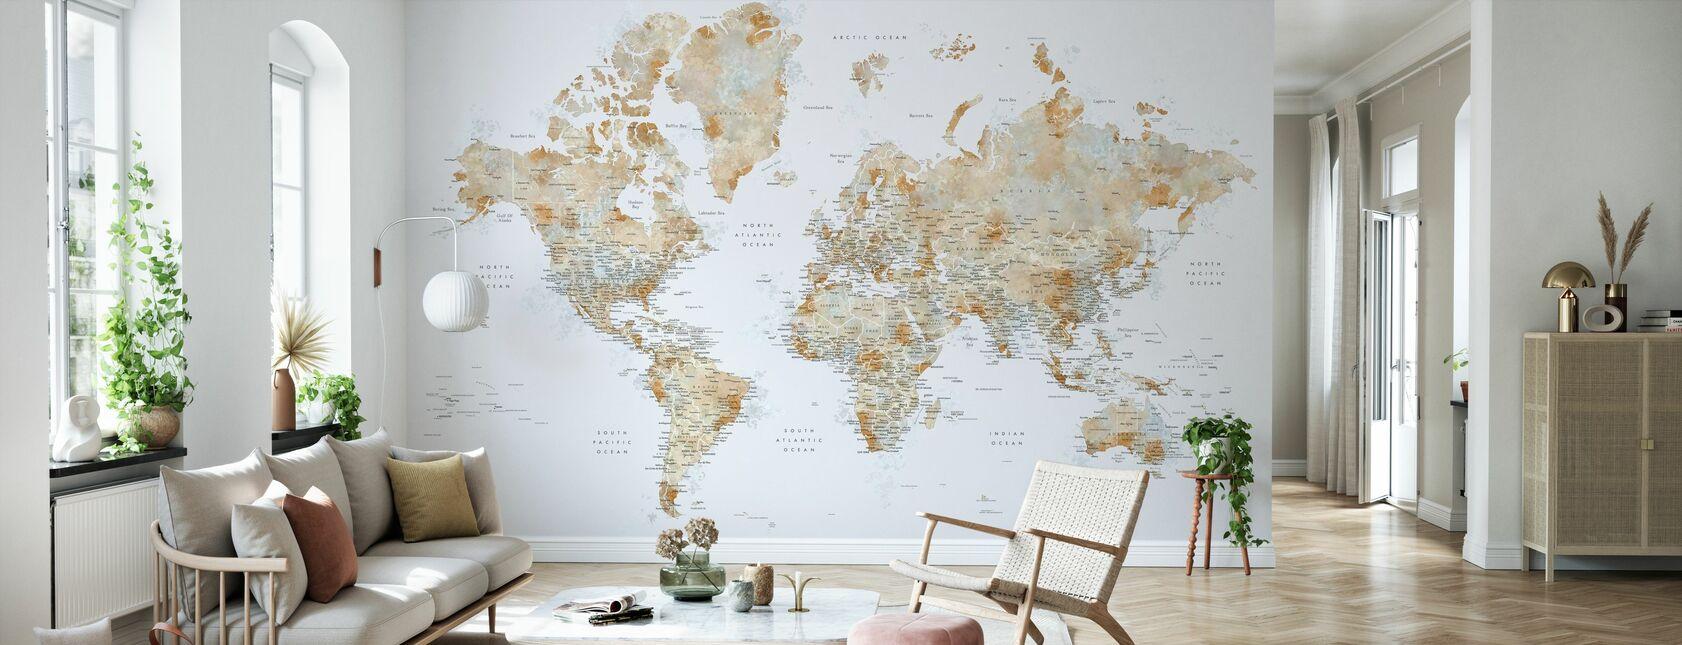 Carte du monde avec les villes - Papier peint - Salle à manger